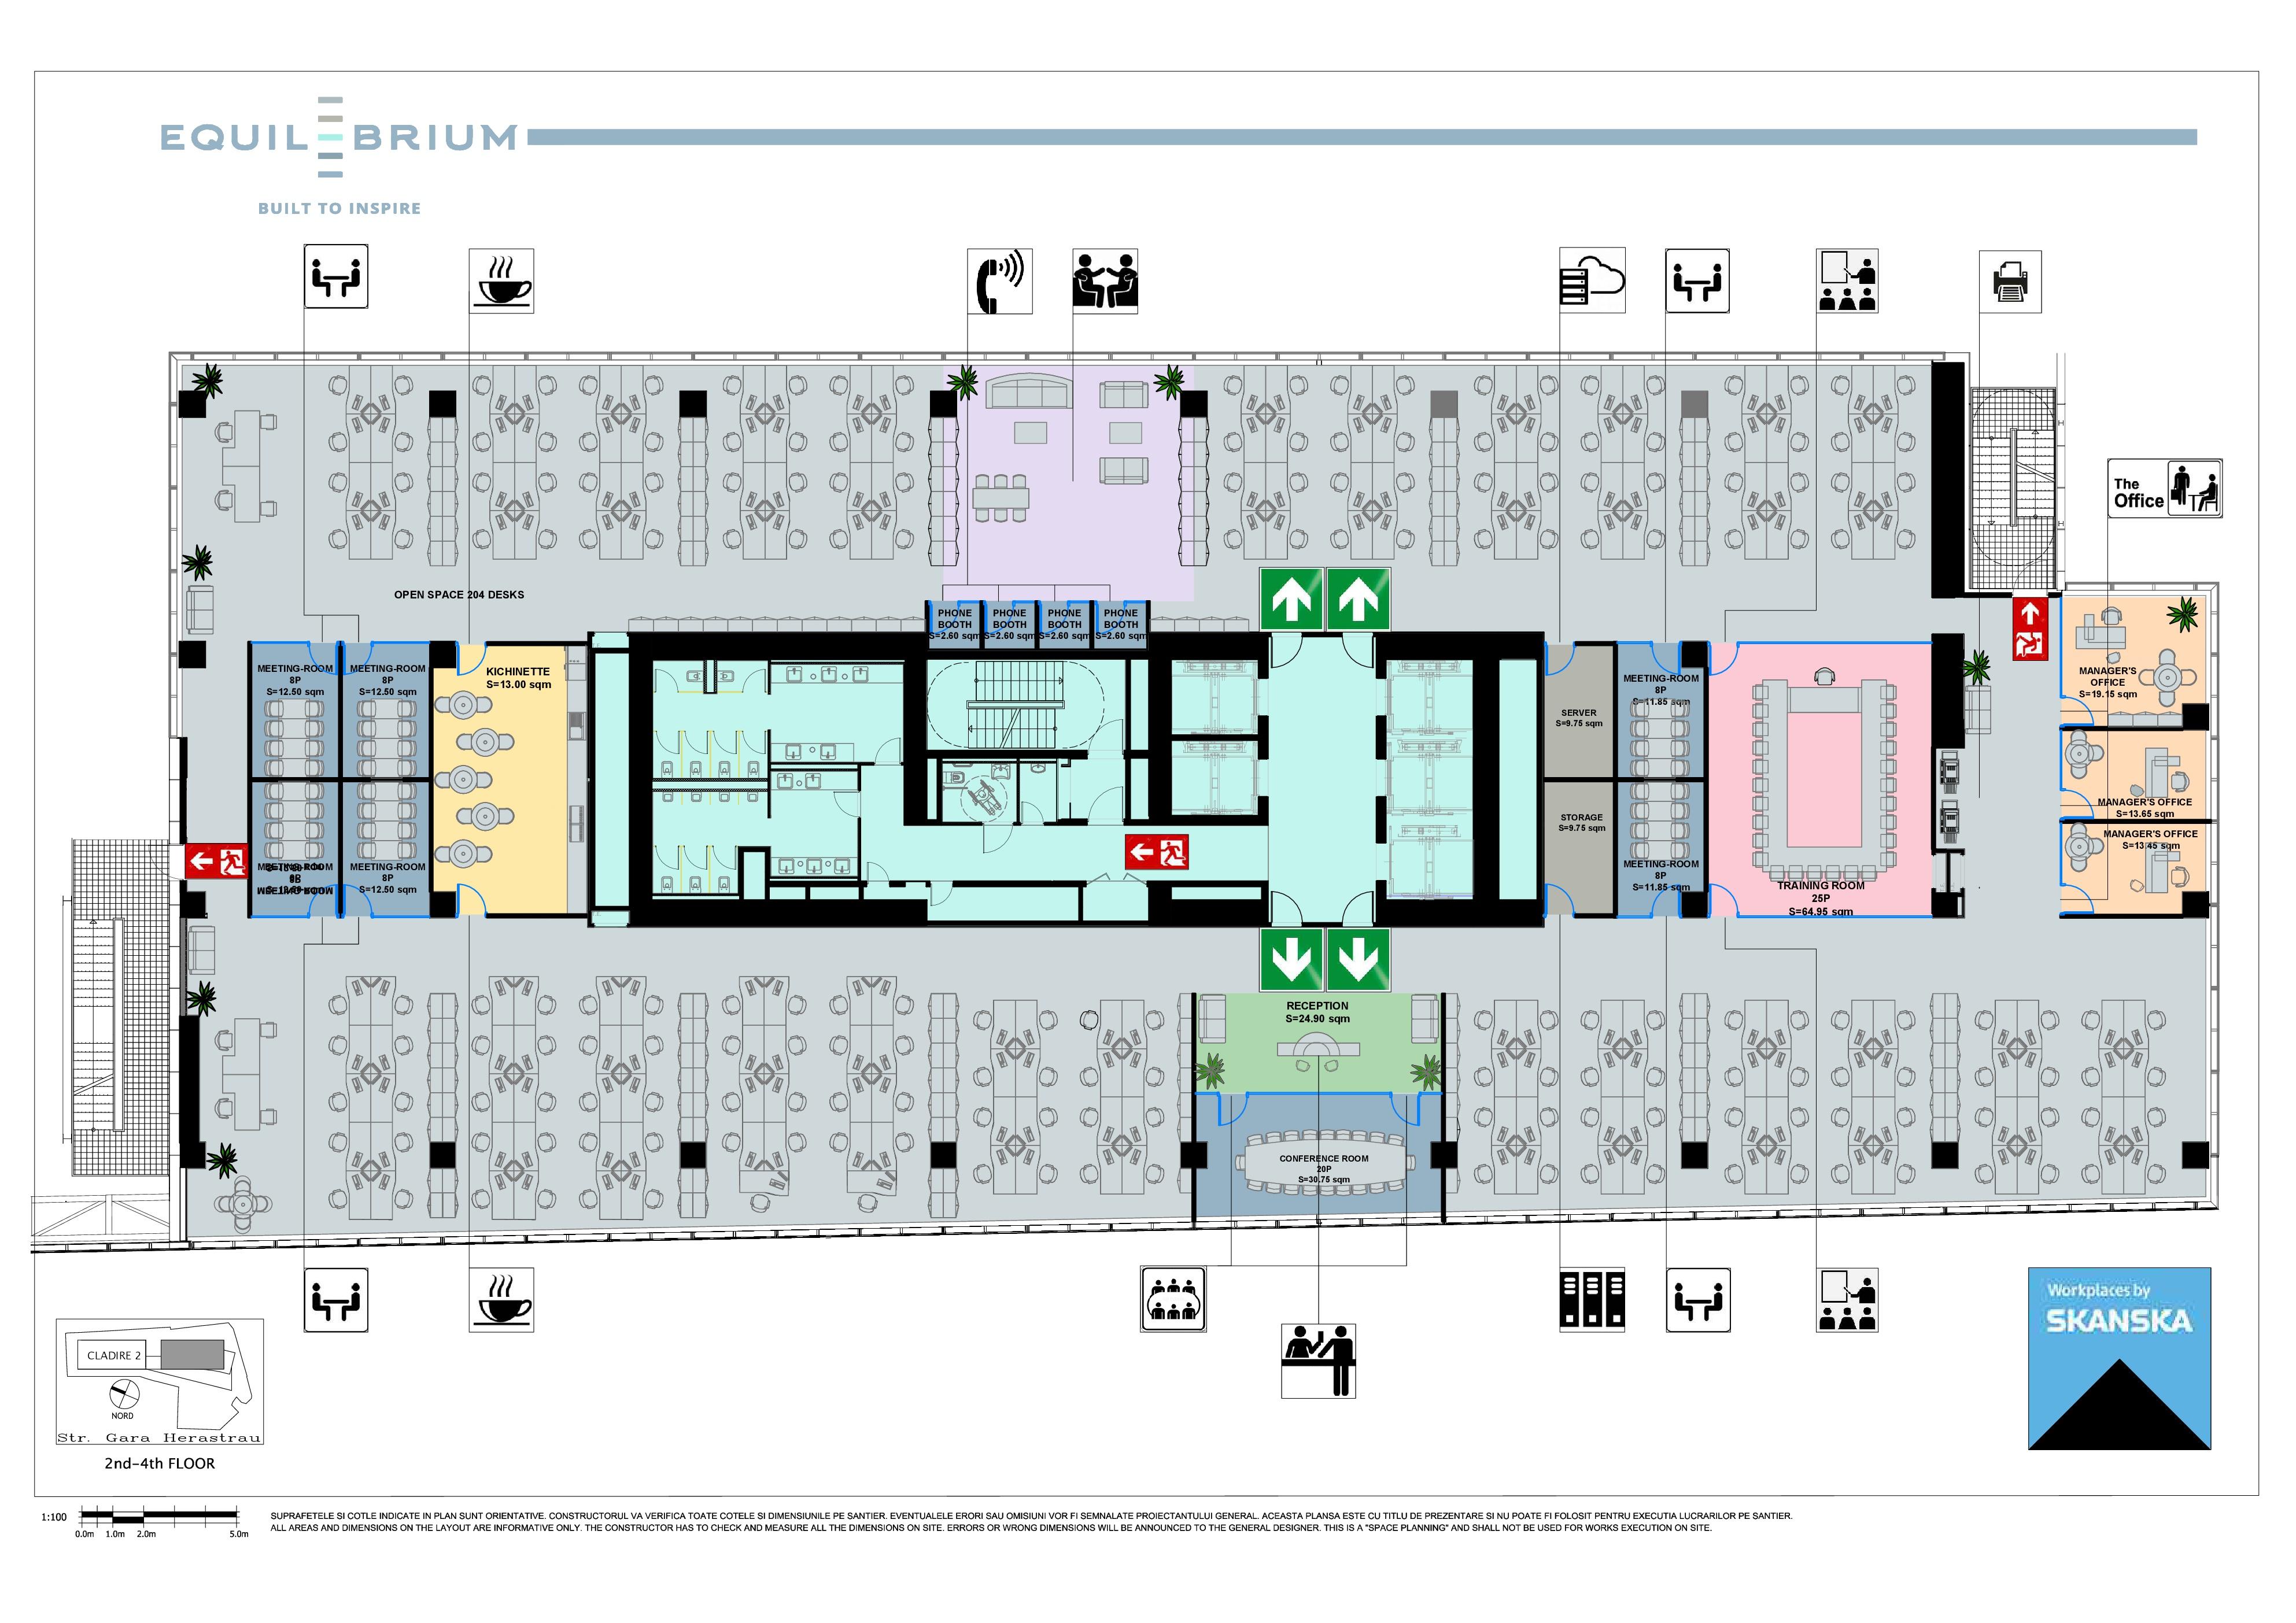 Equilibrium 1 Floor Plan, 2-4 floors